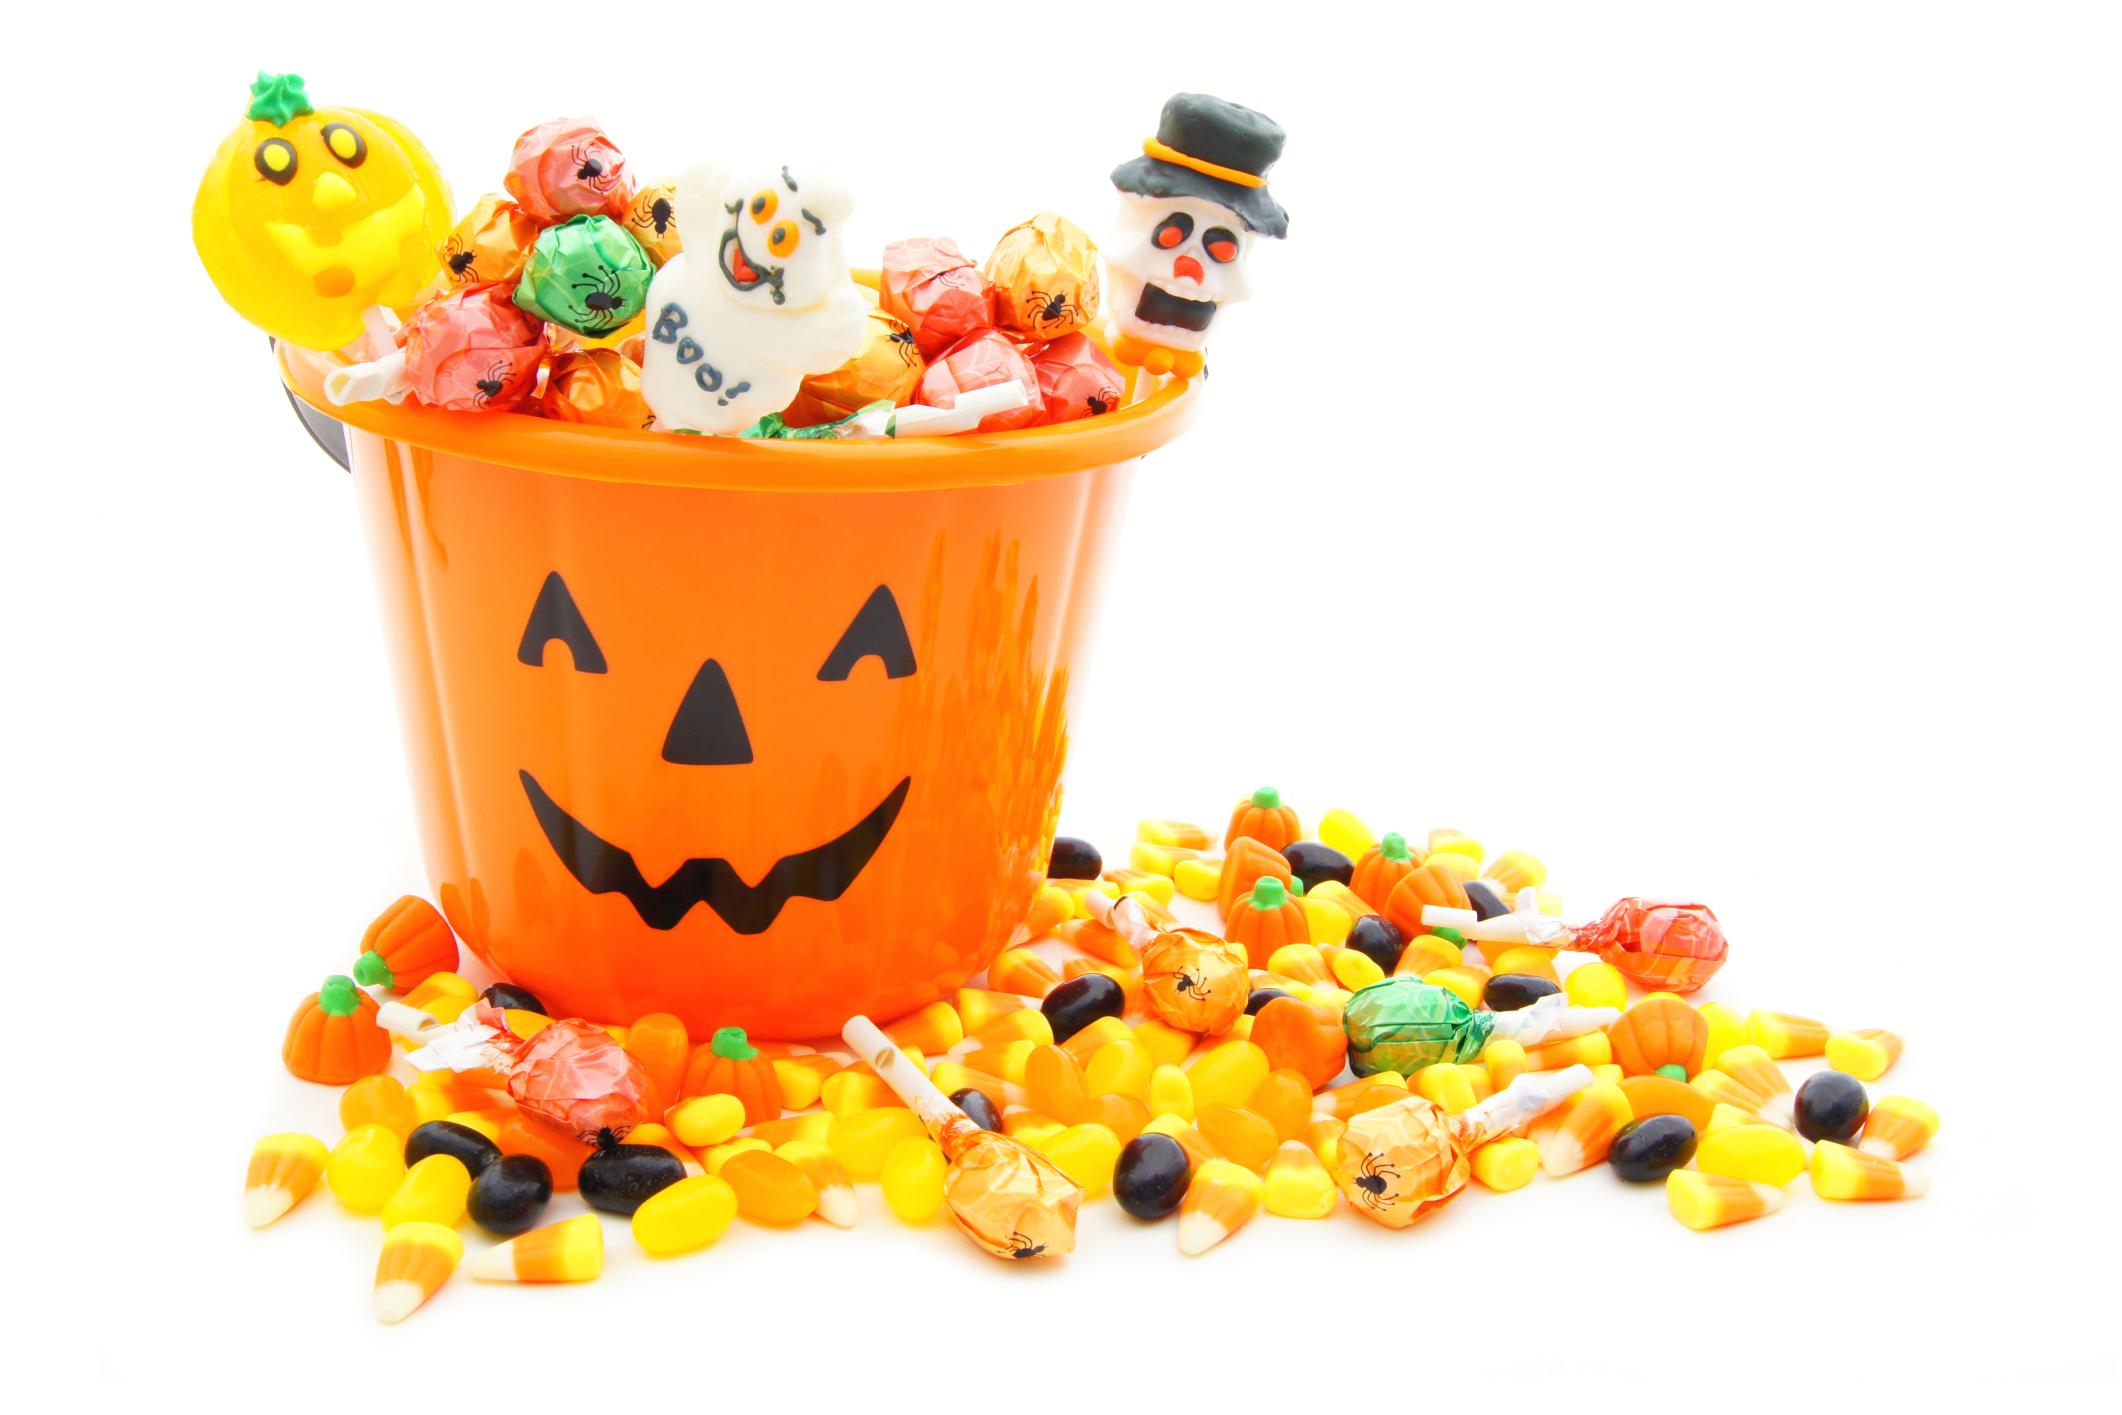 Dulces, caries y otros monstruos de Halloween. ¿Que dulces son más aconsejables?